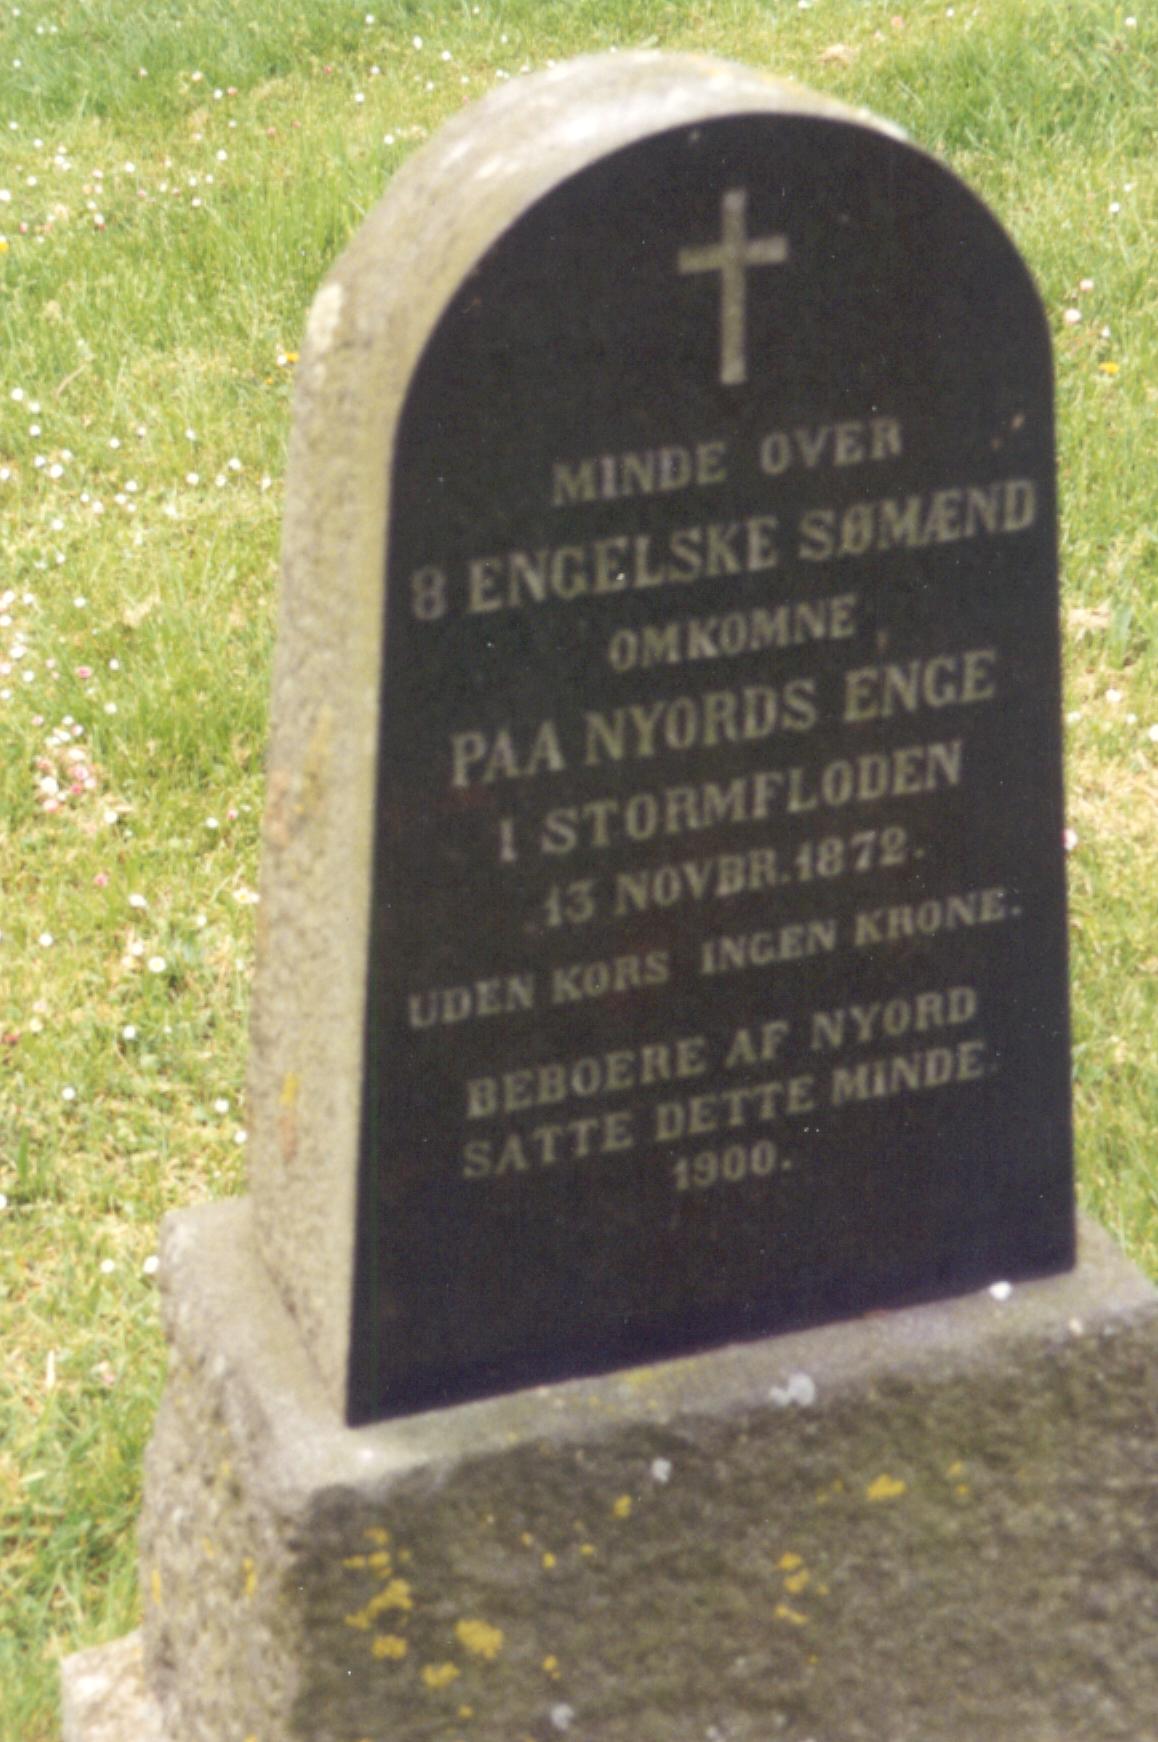 Mindestenen ved Nyord kirkegård